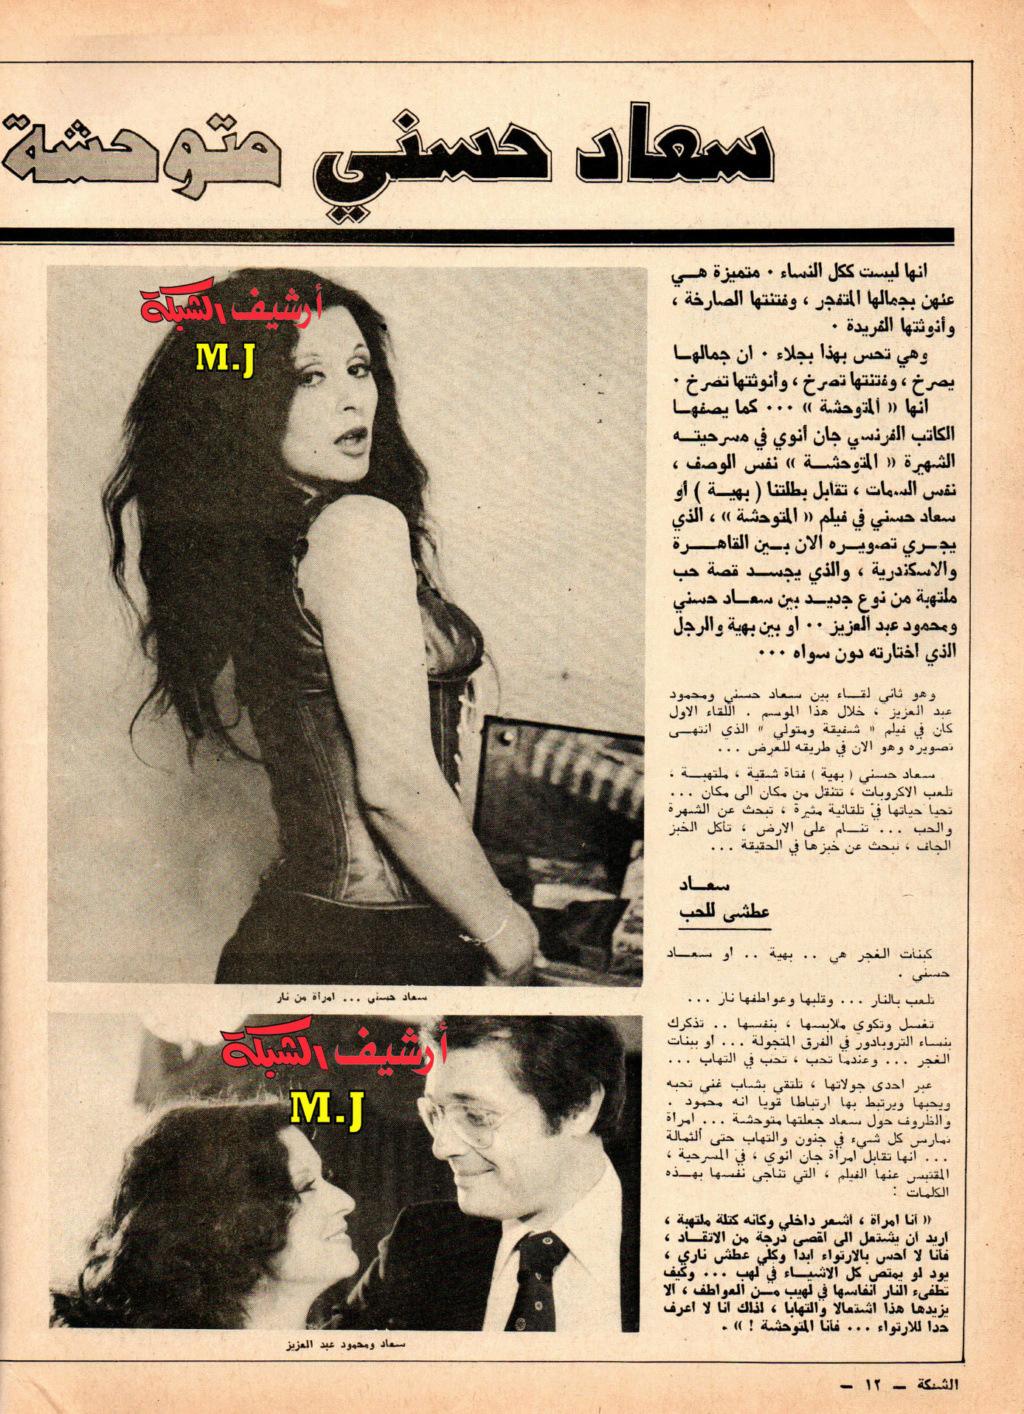 مقال صحفي : سعاد حسني متوحشة تفترس محمود عبدالعزيز 1978 م 111